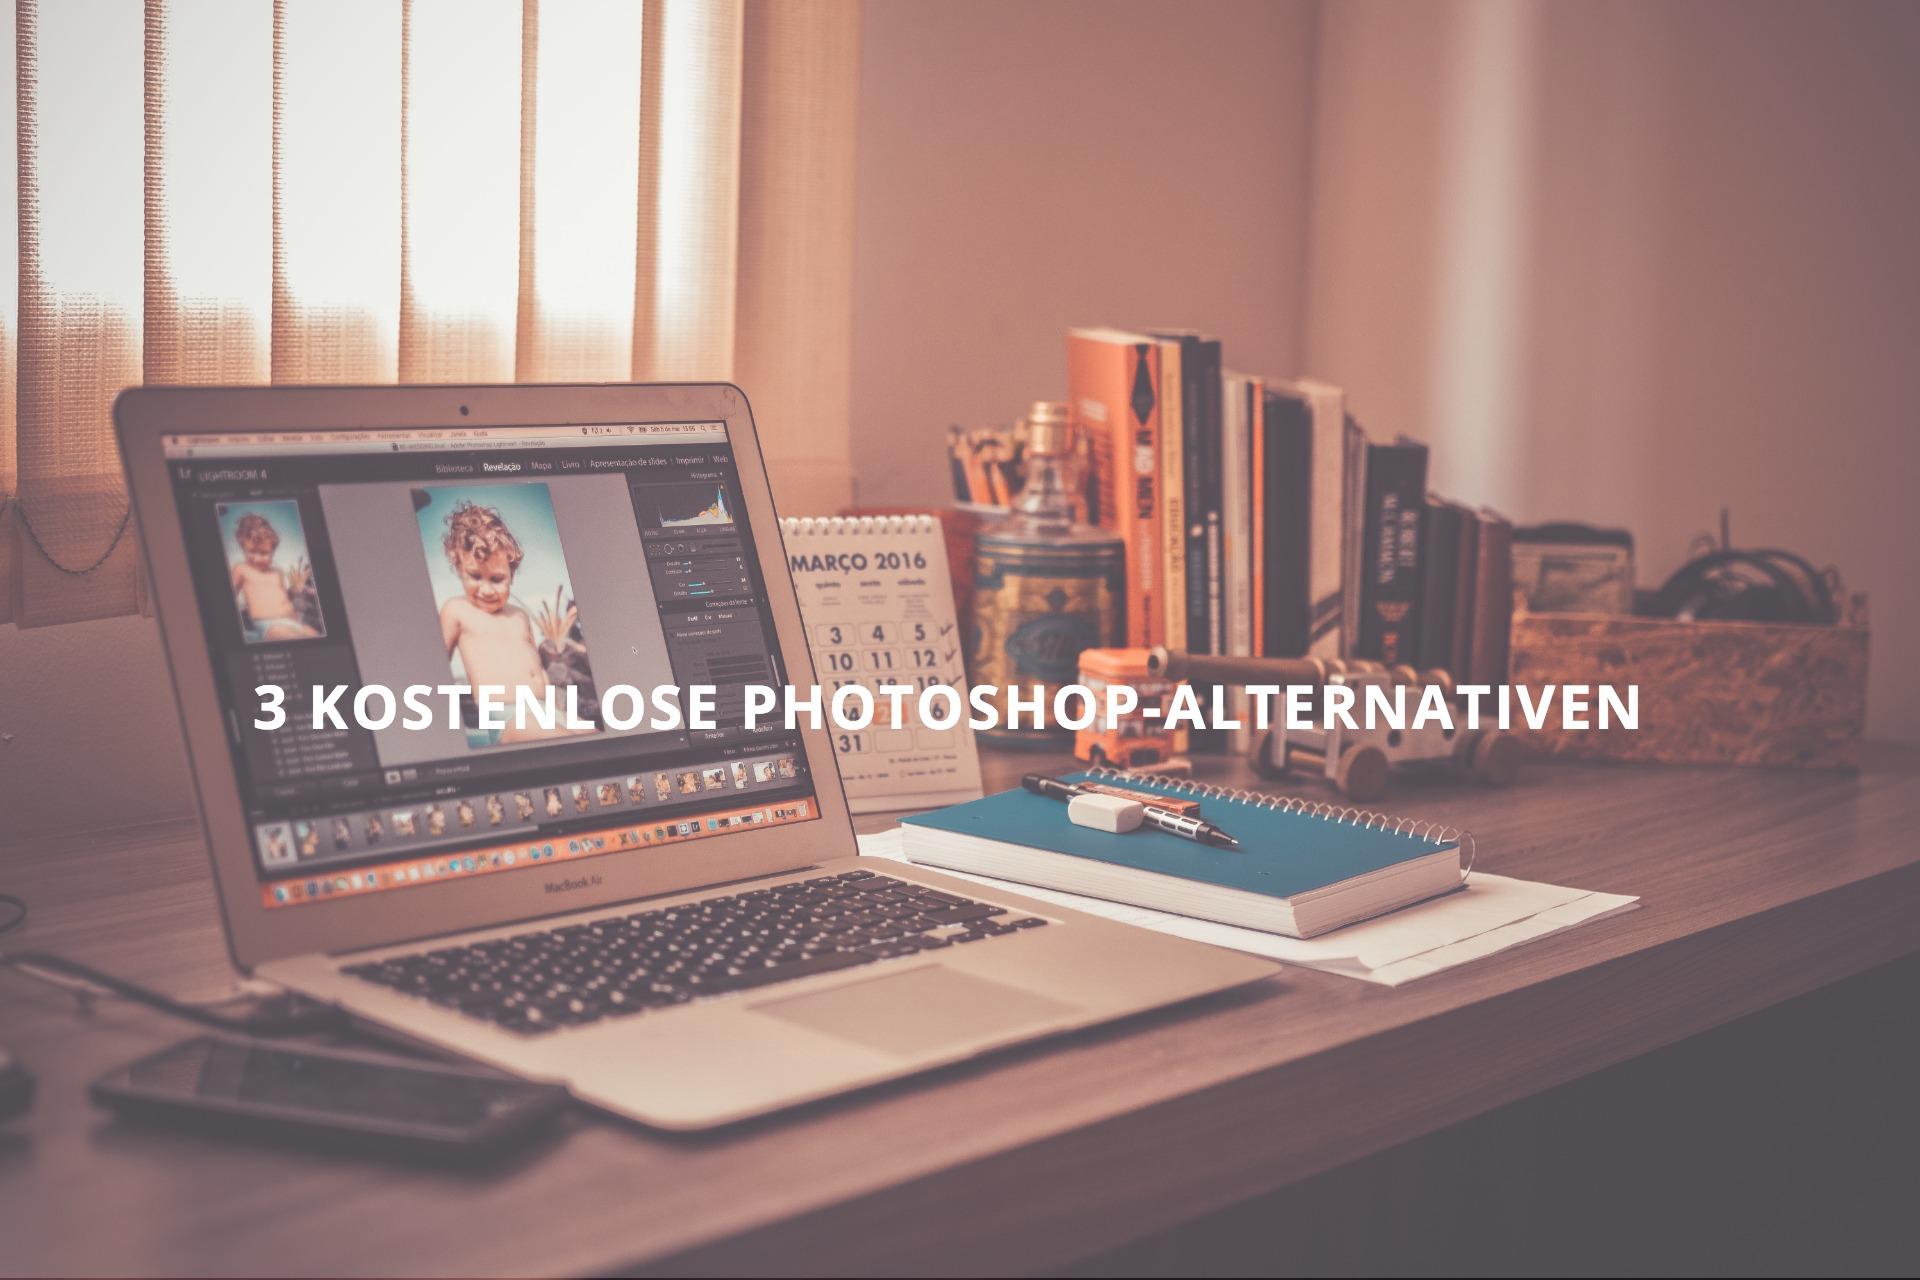 Kostenlose Photoshop-Alternativen